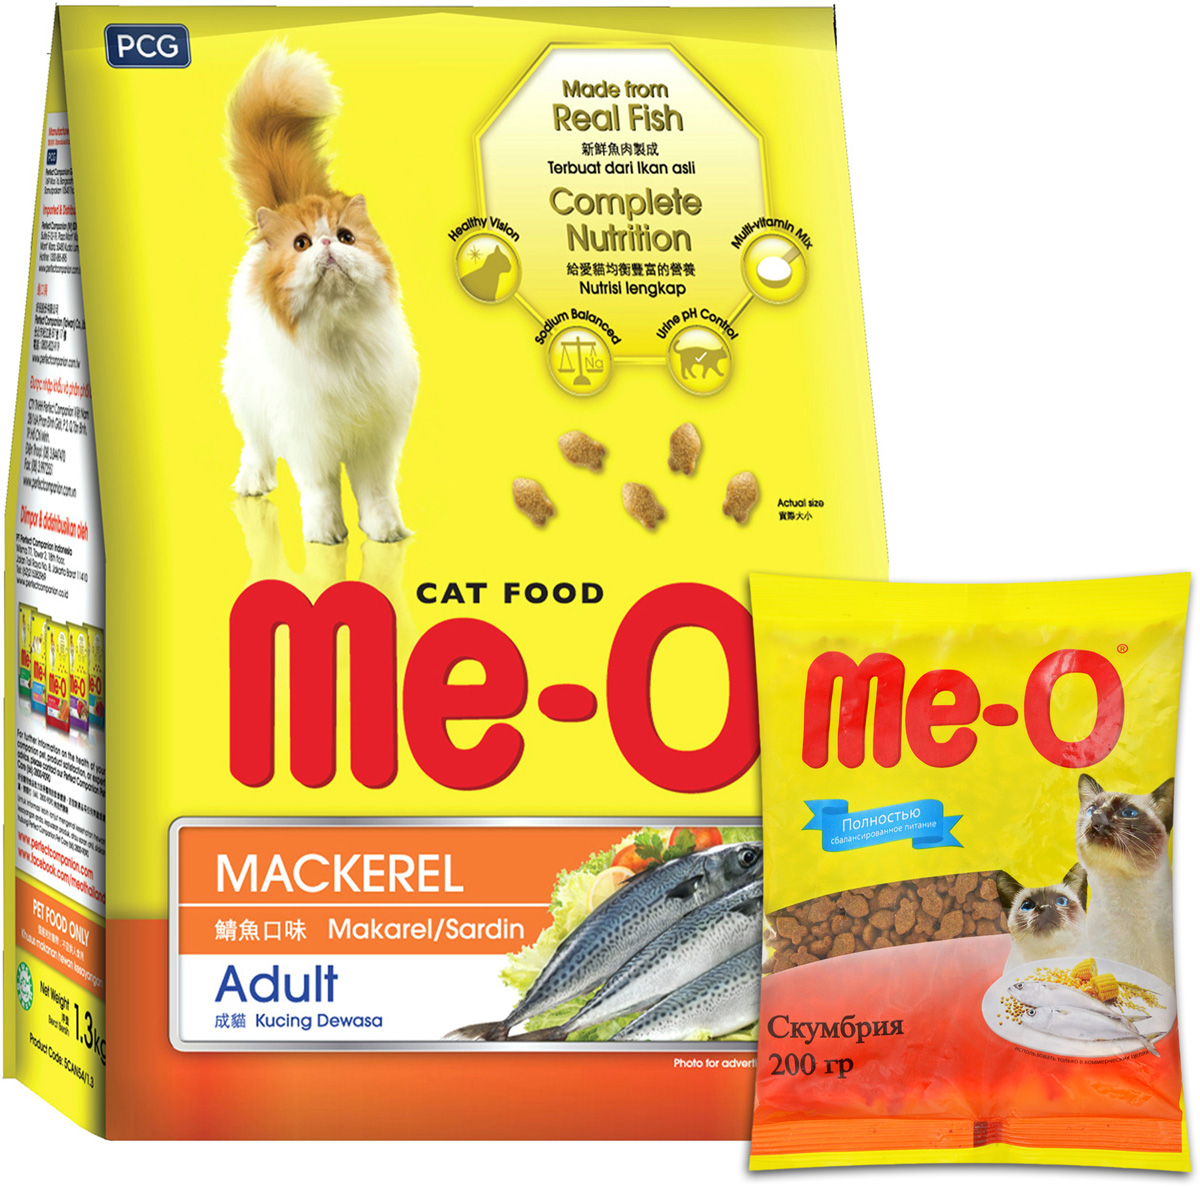 Корм сухой для кошек и котов PCG Ме-О, скумбрия, 35 шт х 200 г (7 кг) корм сухой для кошек pcg ме о gold для персидских и длинношерстных 400 г